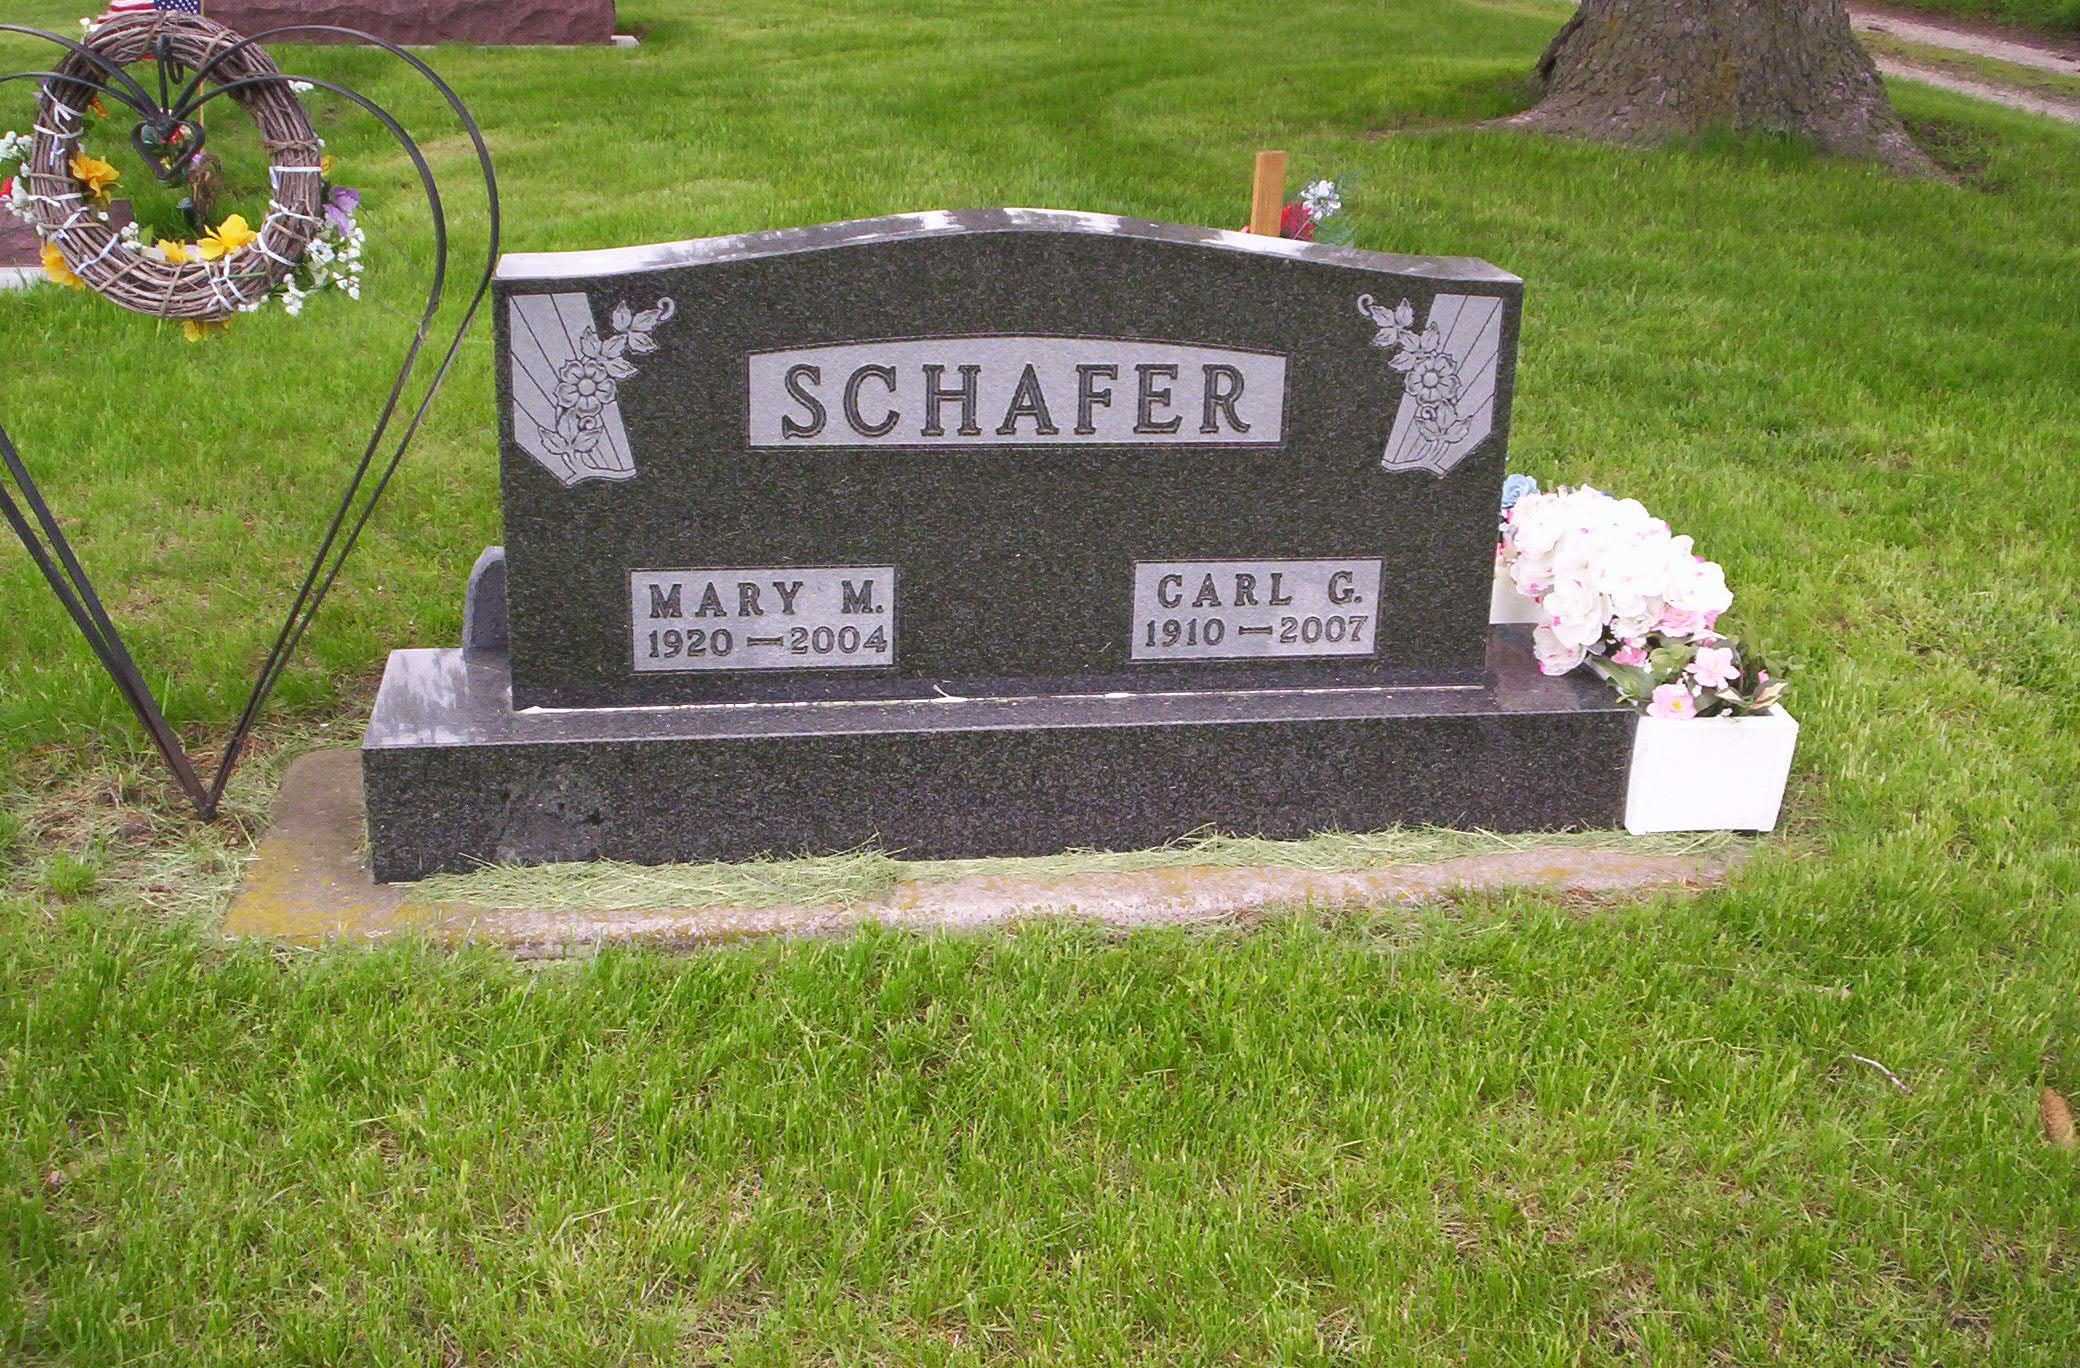 Carl Gottlieb Schafer